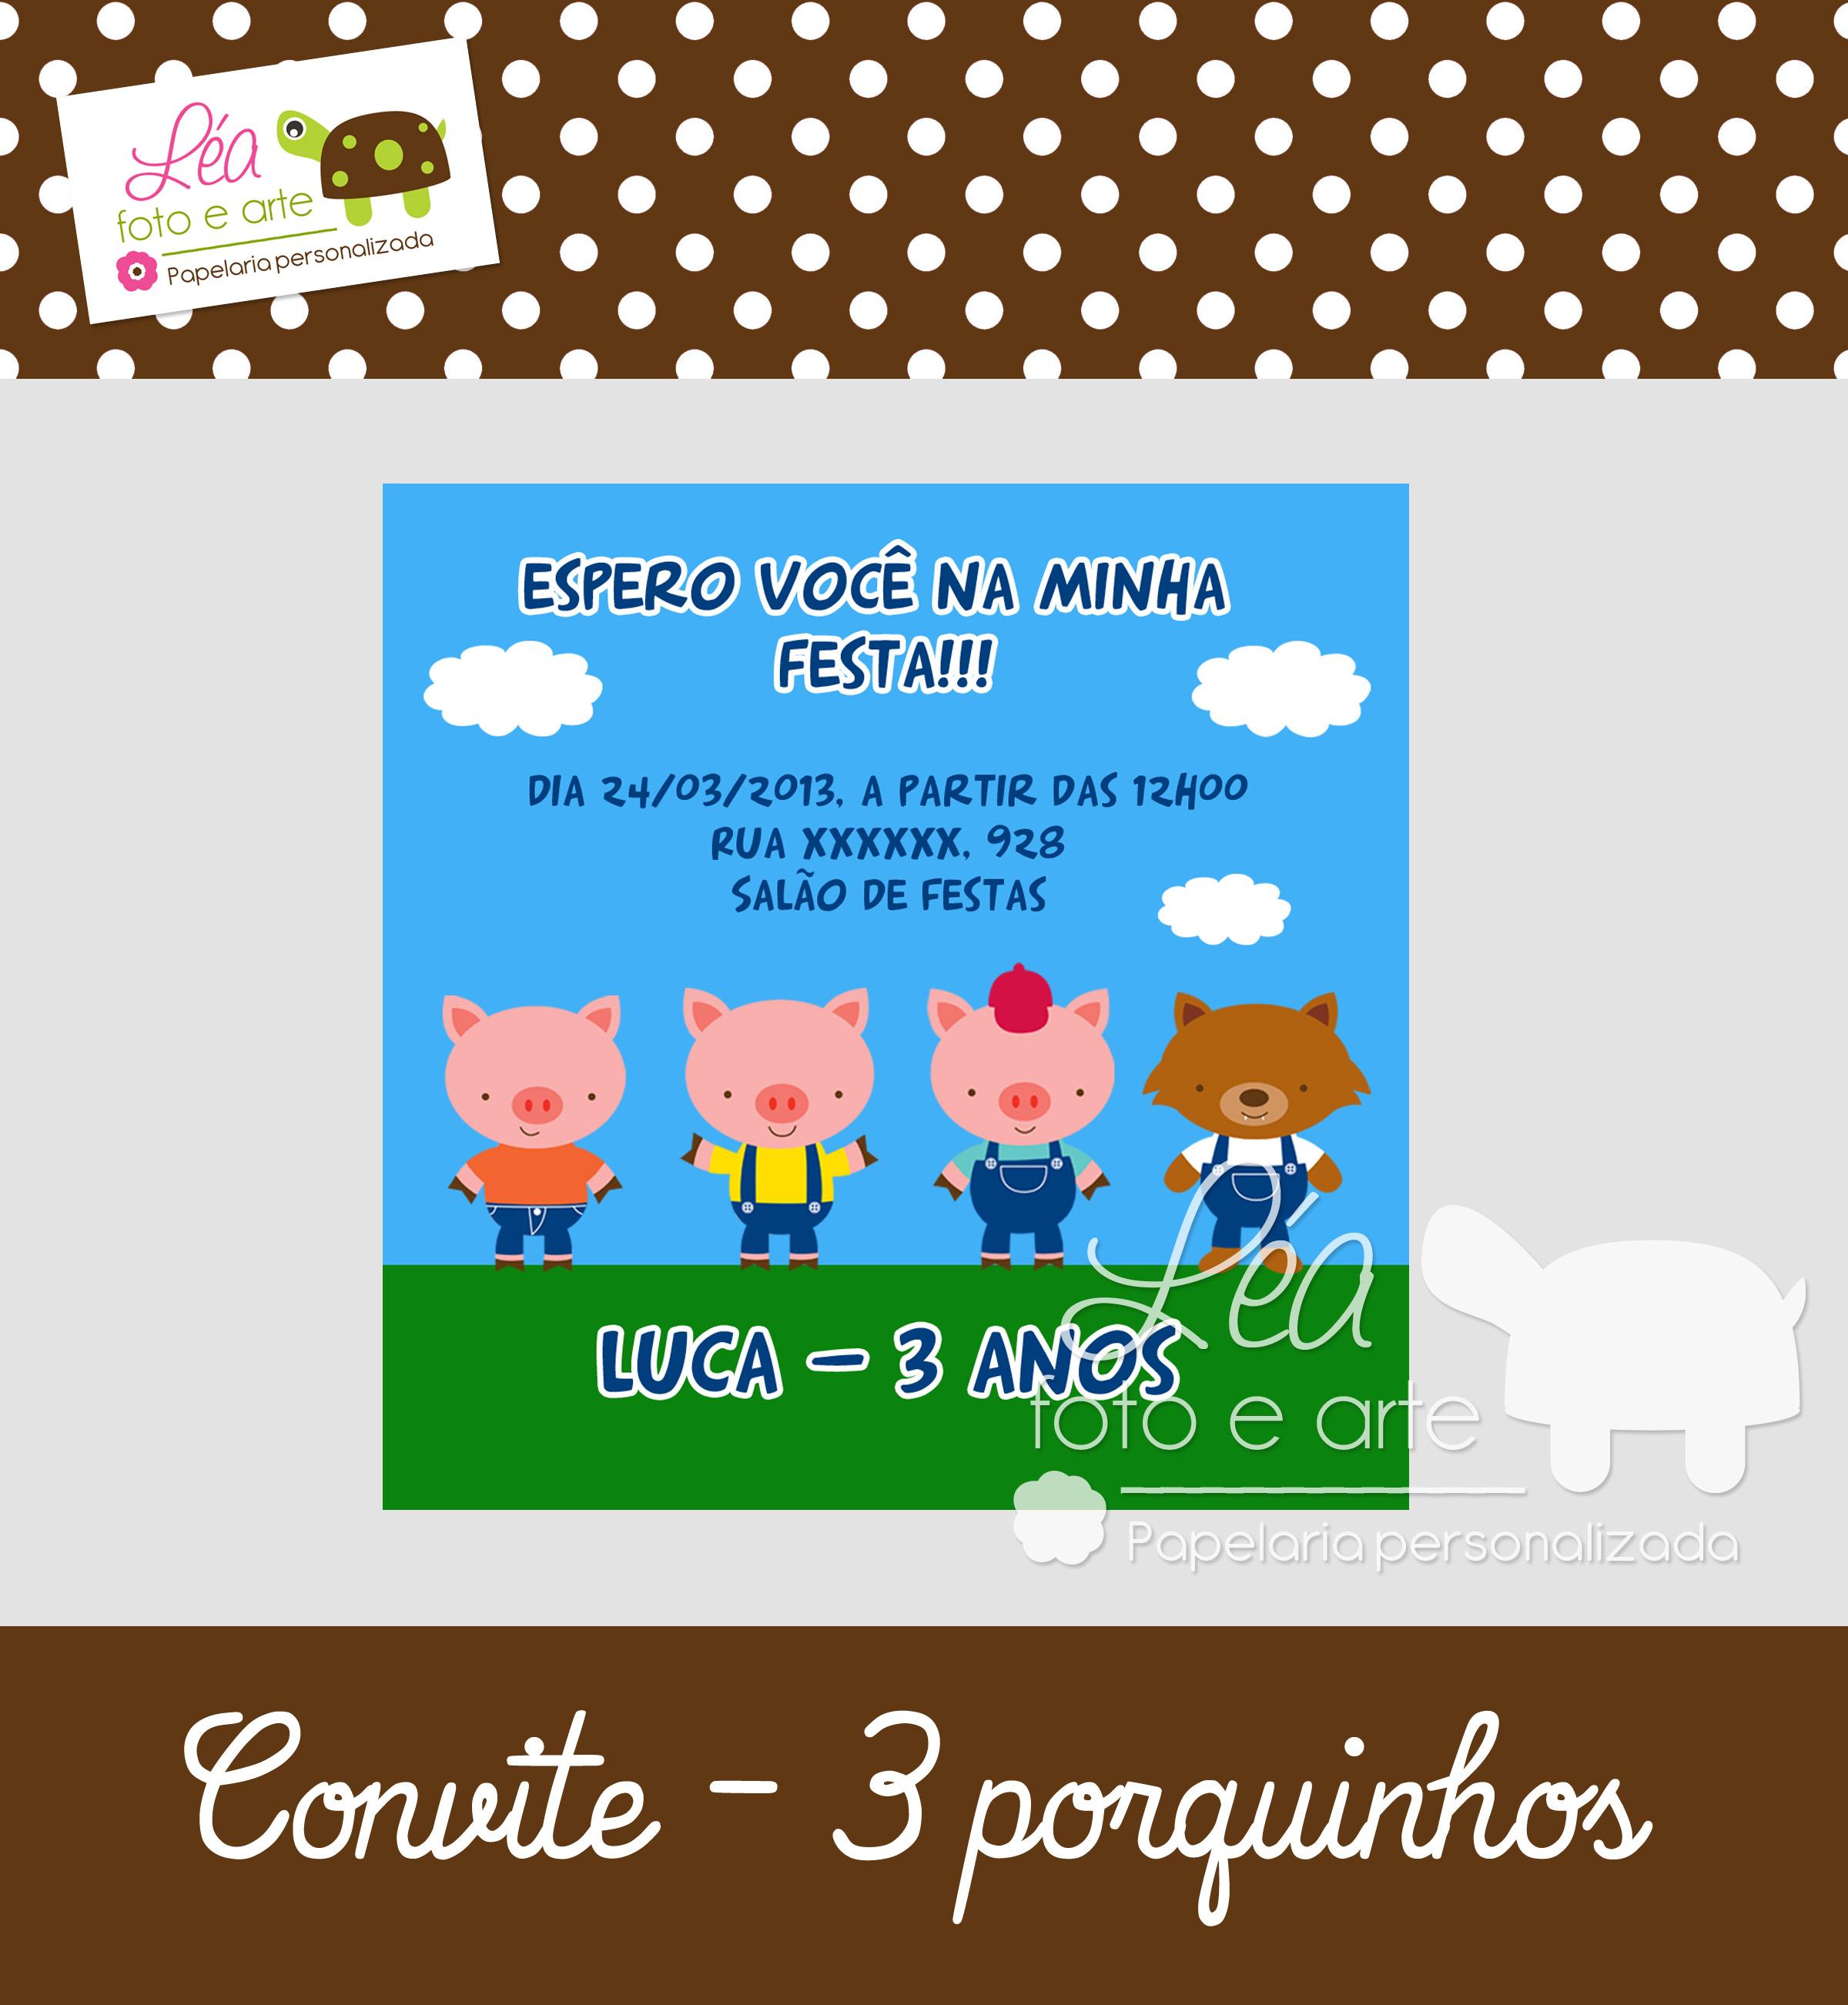 convite_3porquinhos